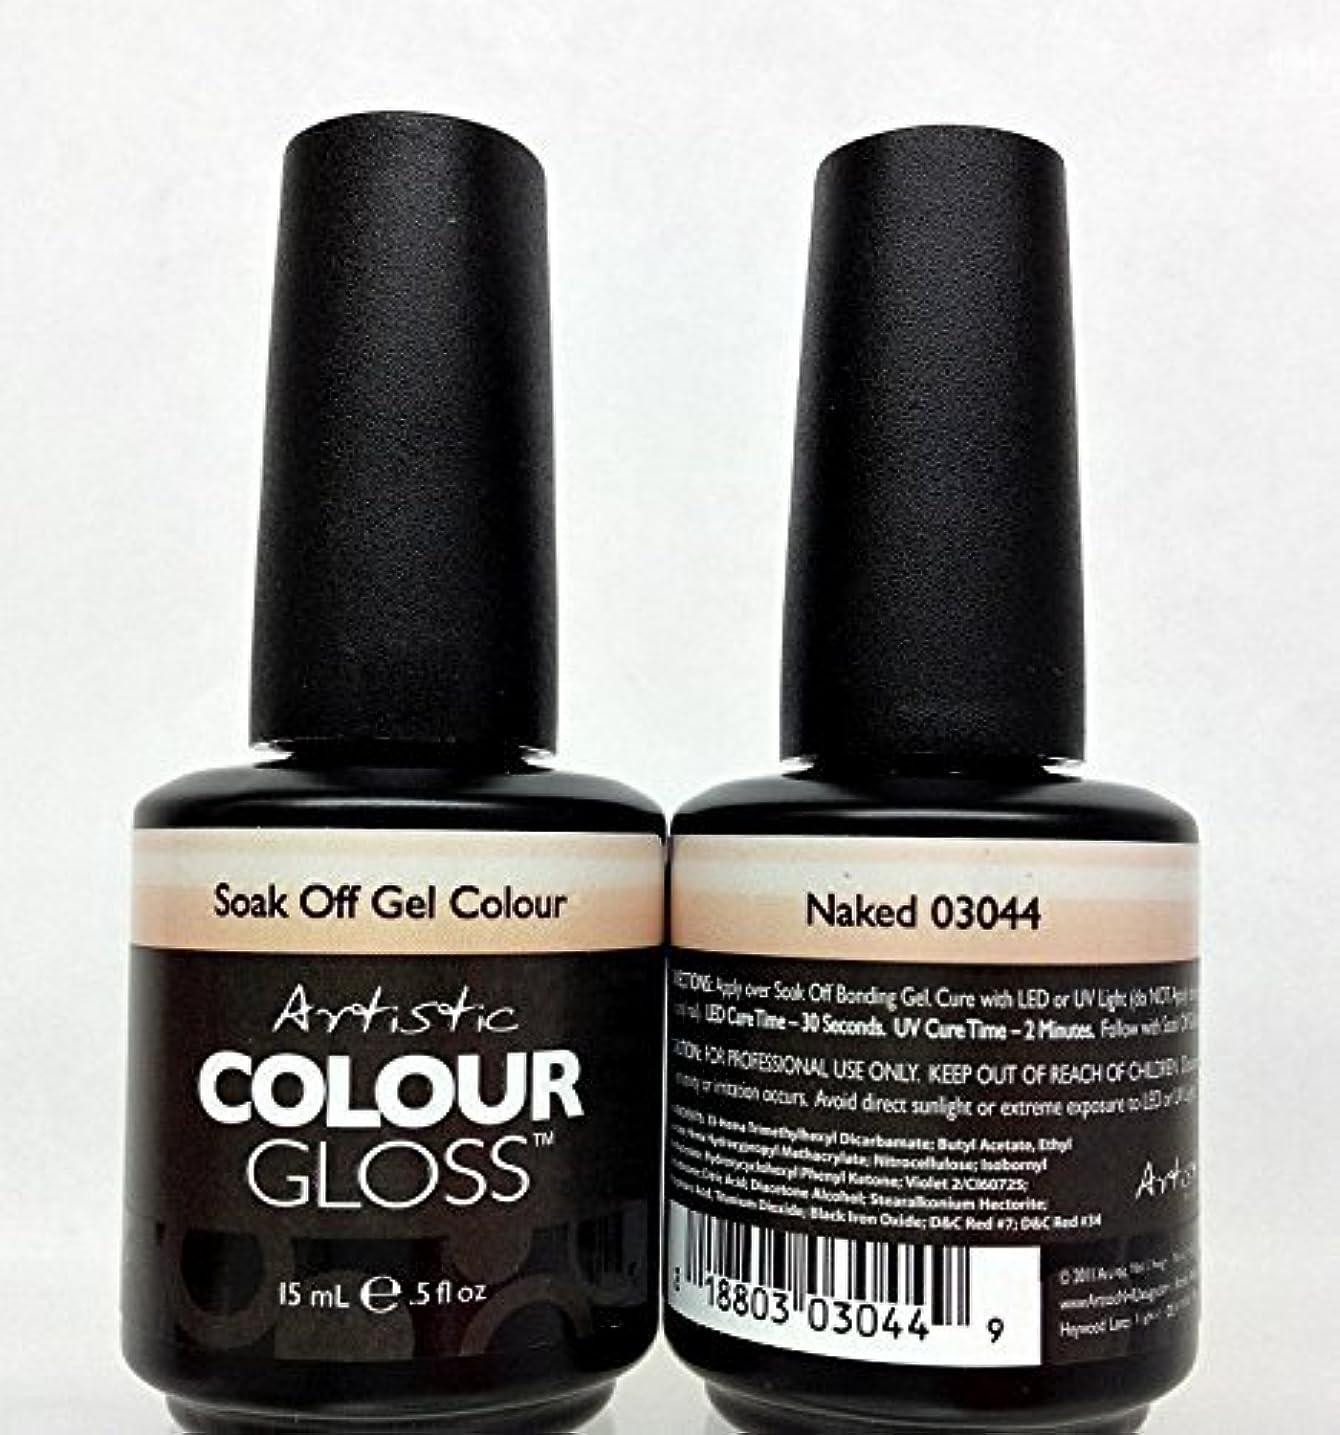 断言するずるいカルシウムArtistic Colour Gloss - Naked - 0.5oz/15ml